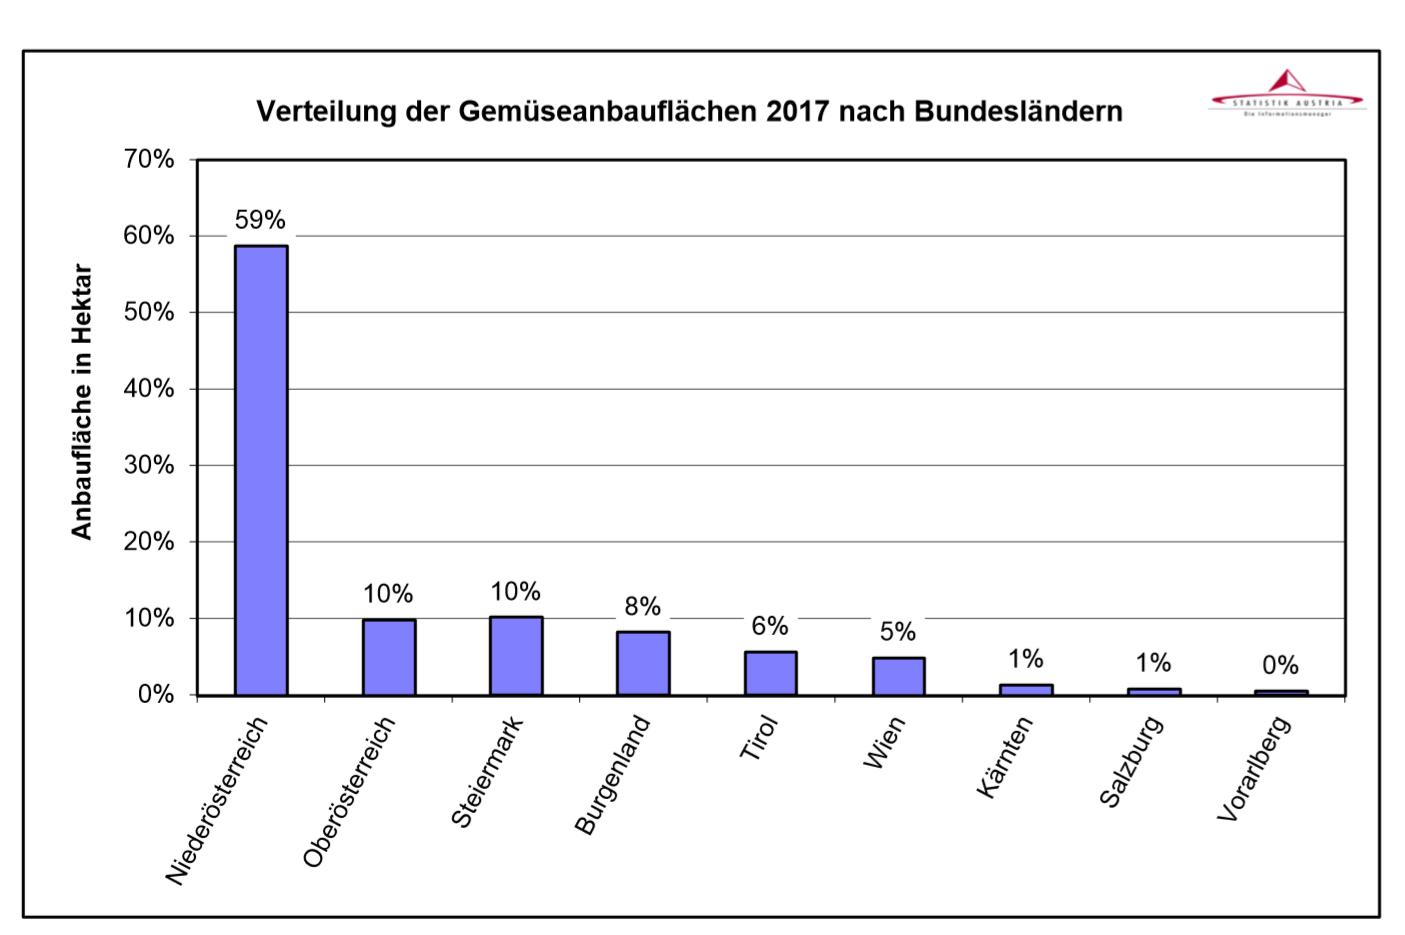 gemüseanbau österreich